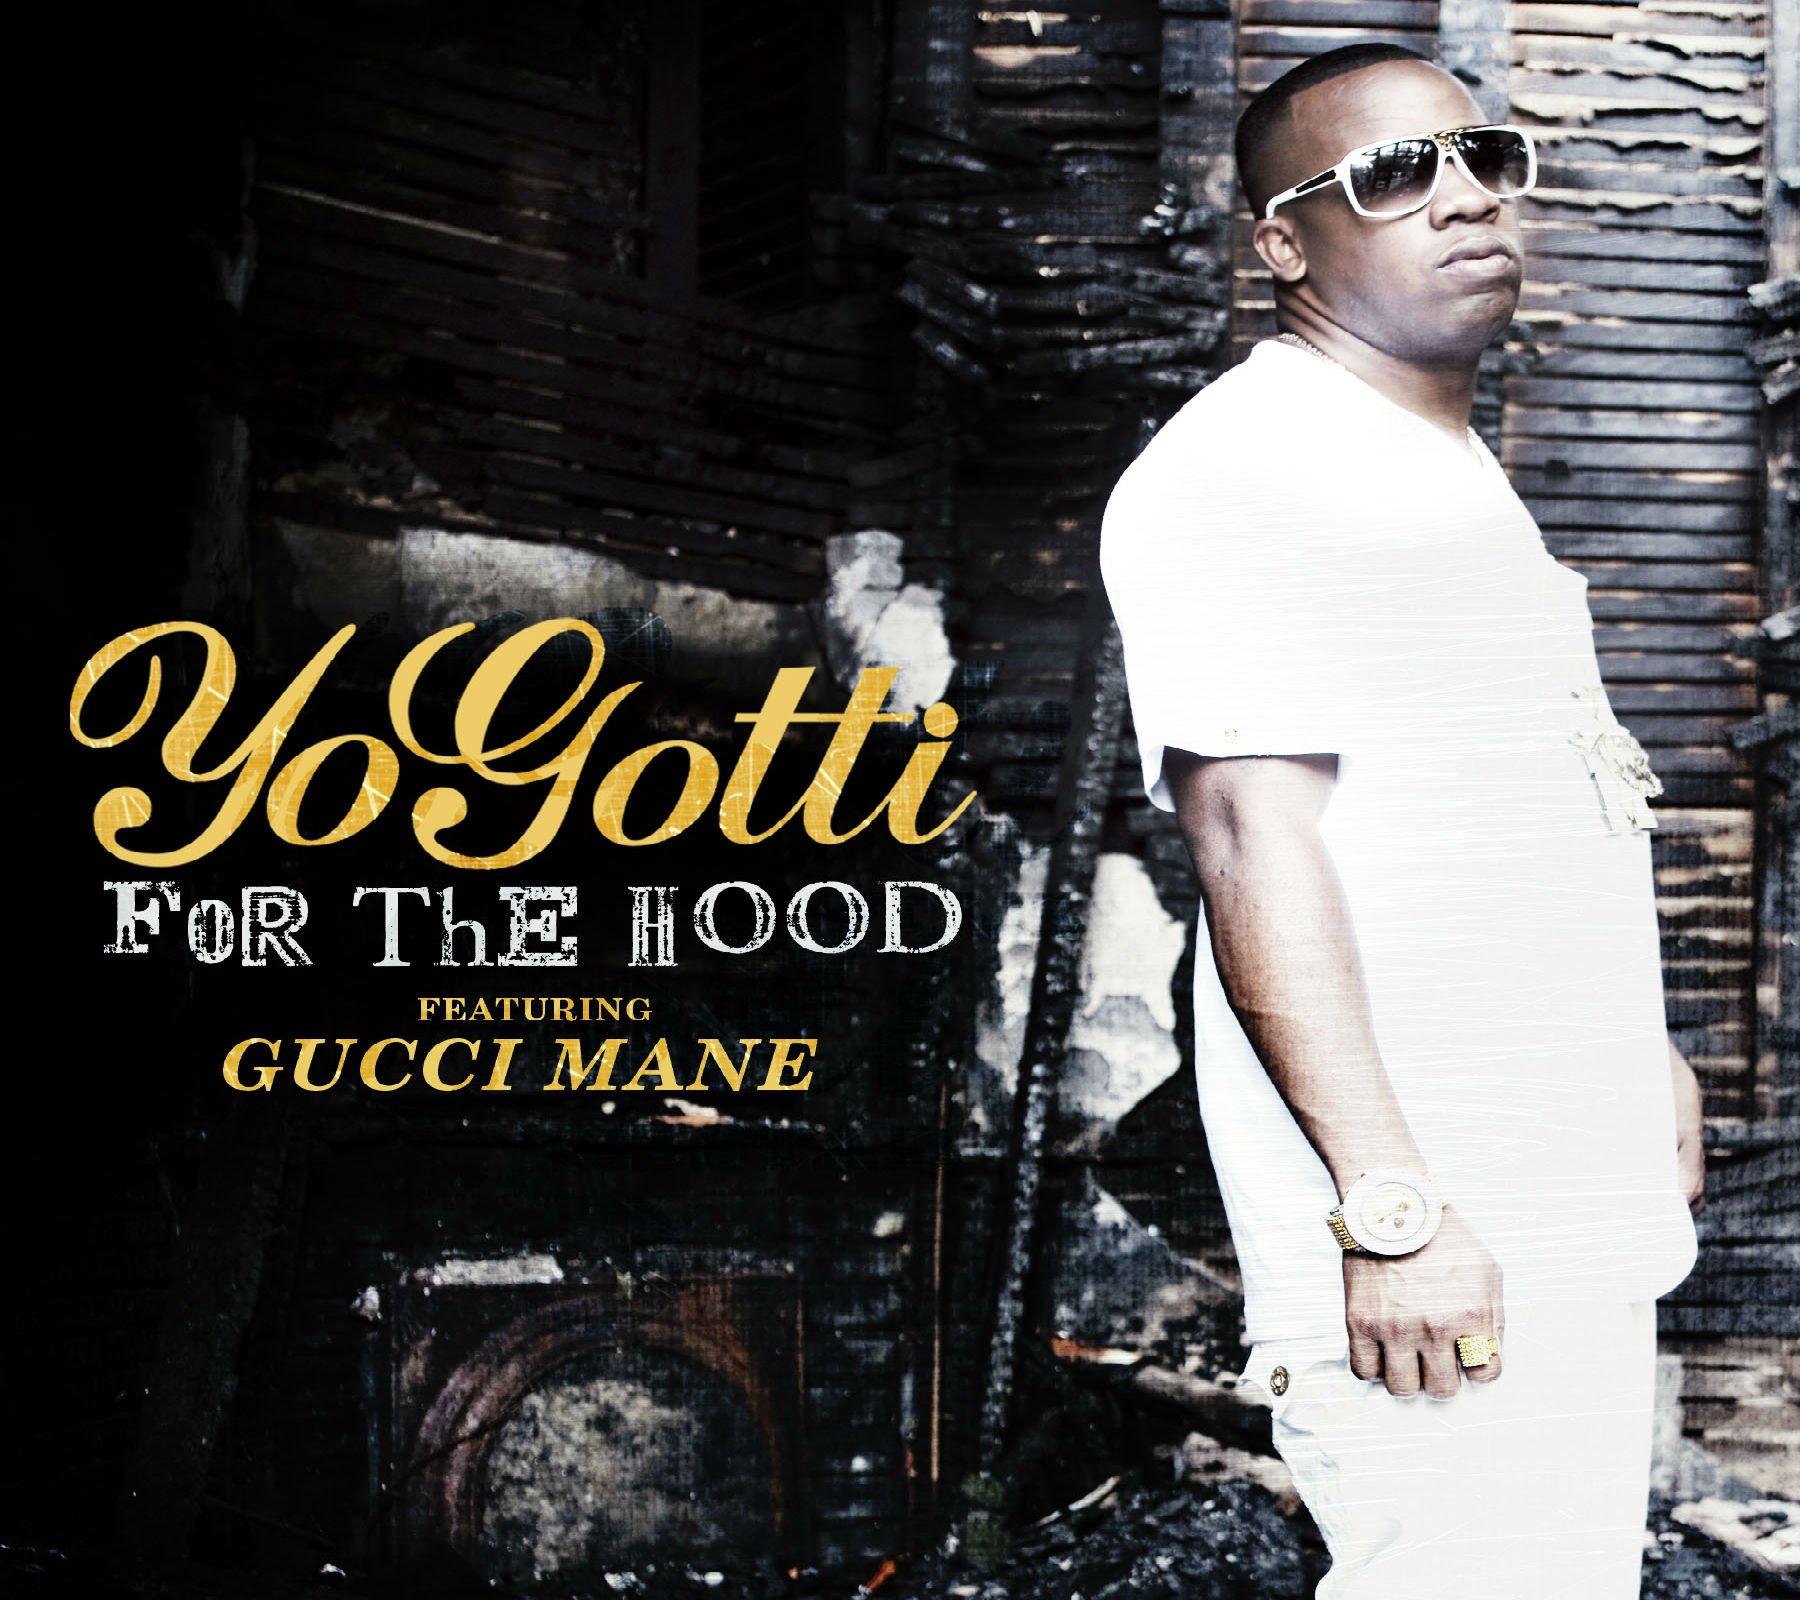 Yo Gotti Gucci Mane Southern Gangsta Rap Rapper Hip Hop Gotti Poster Wallpaper 1800x1600 284901 Wallpaperup